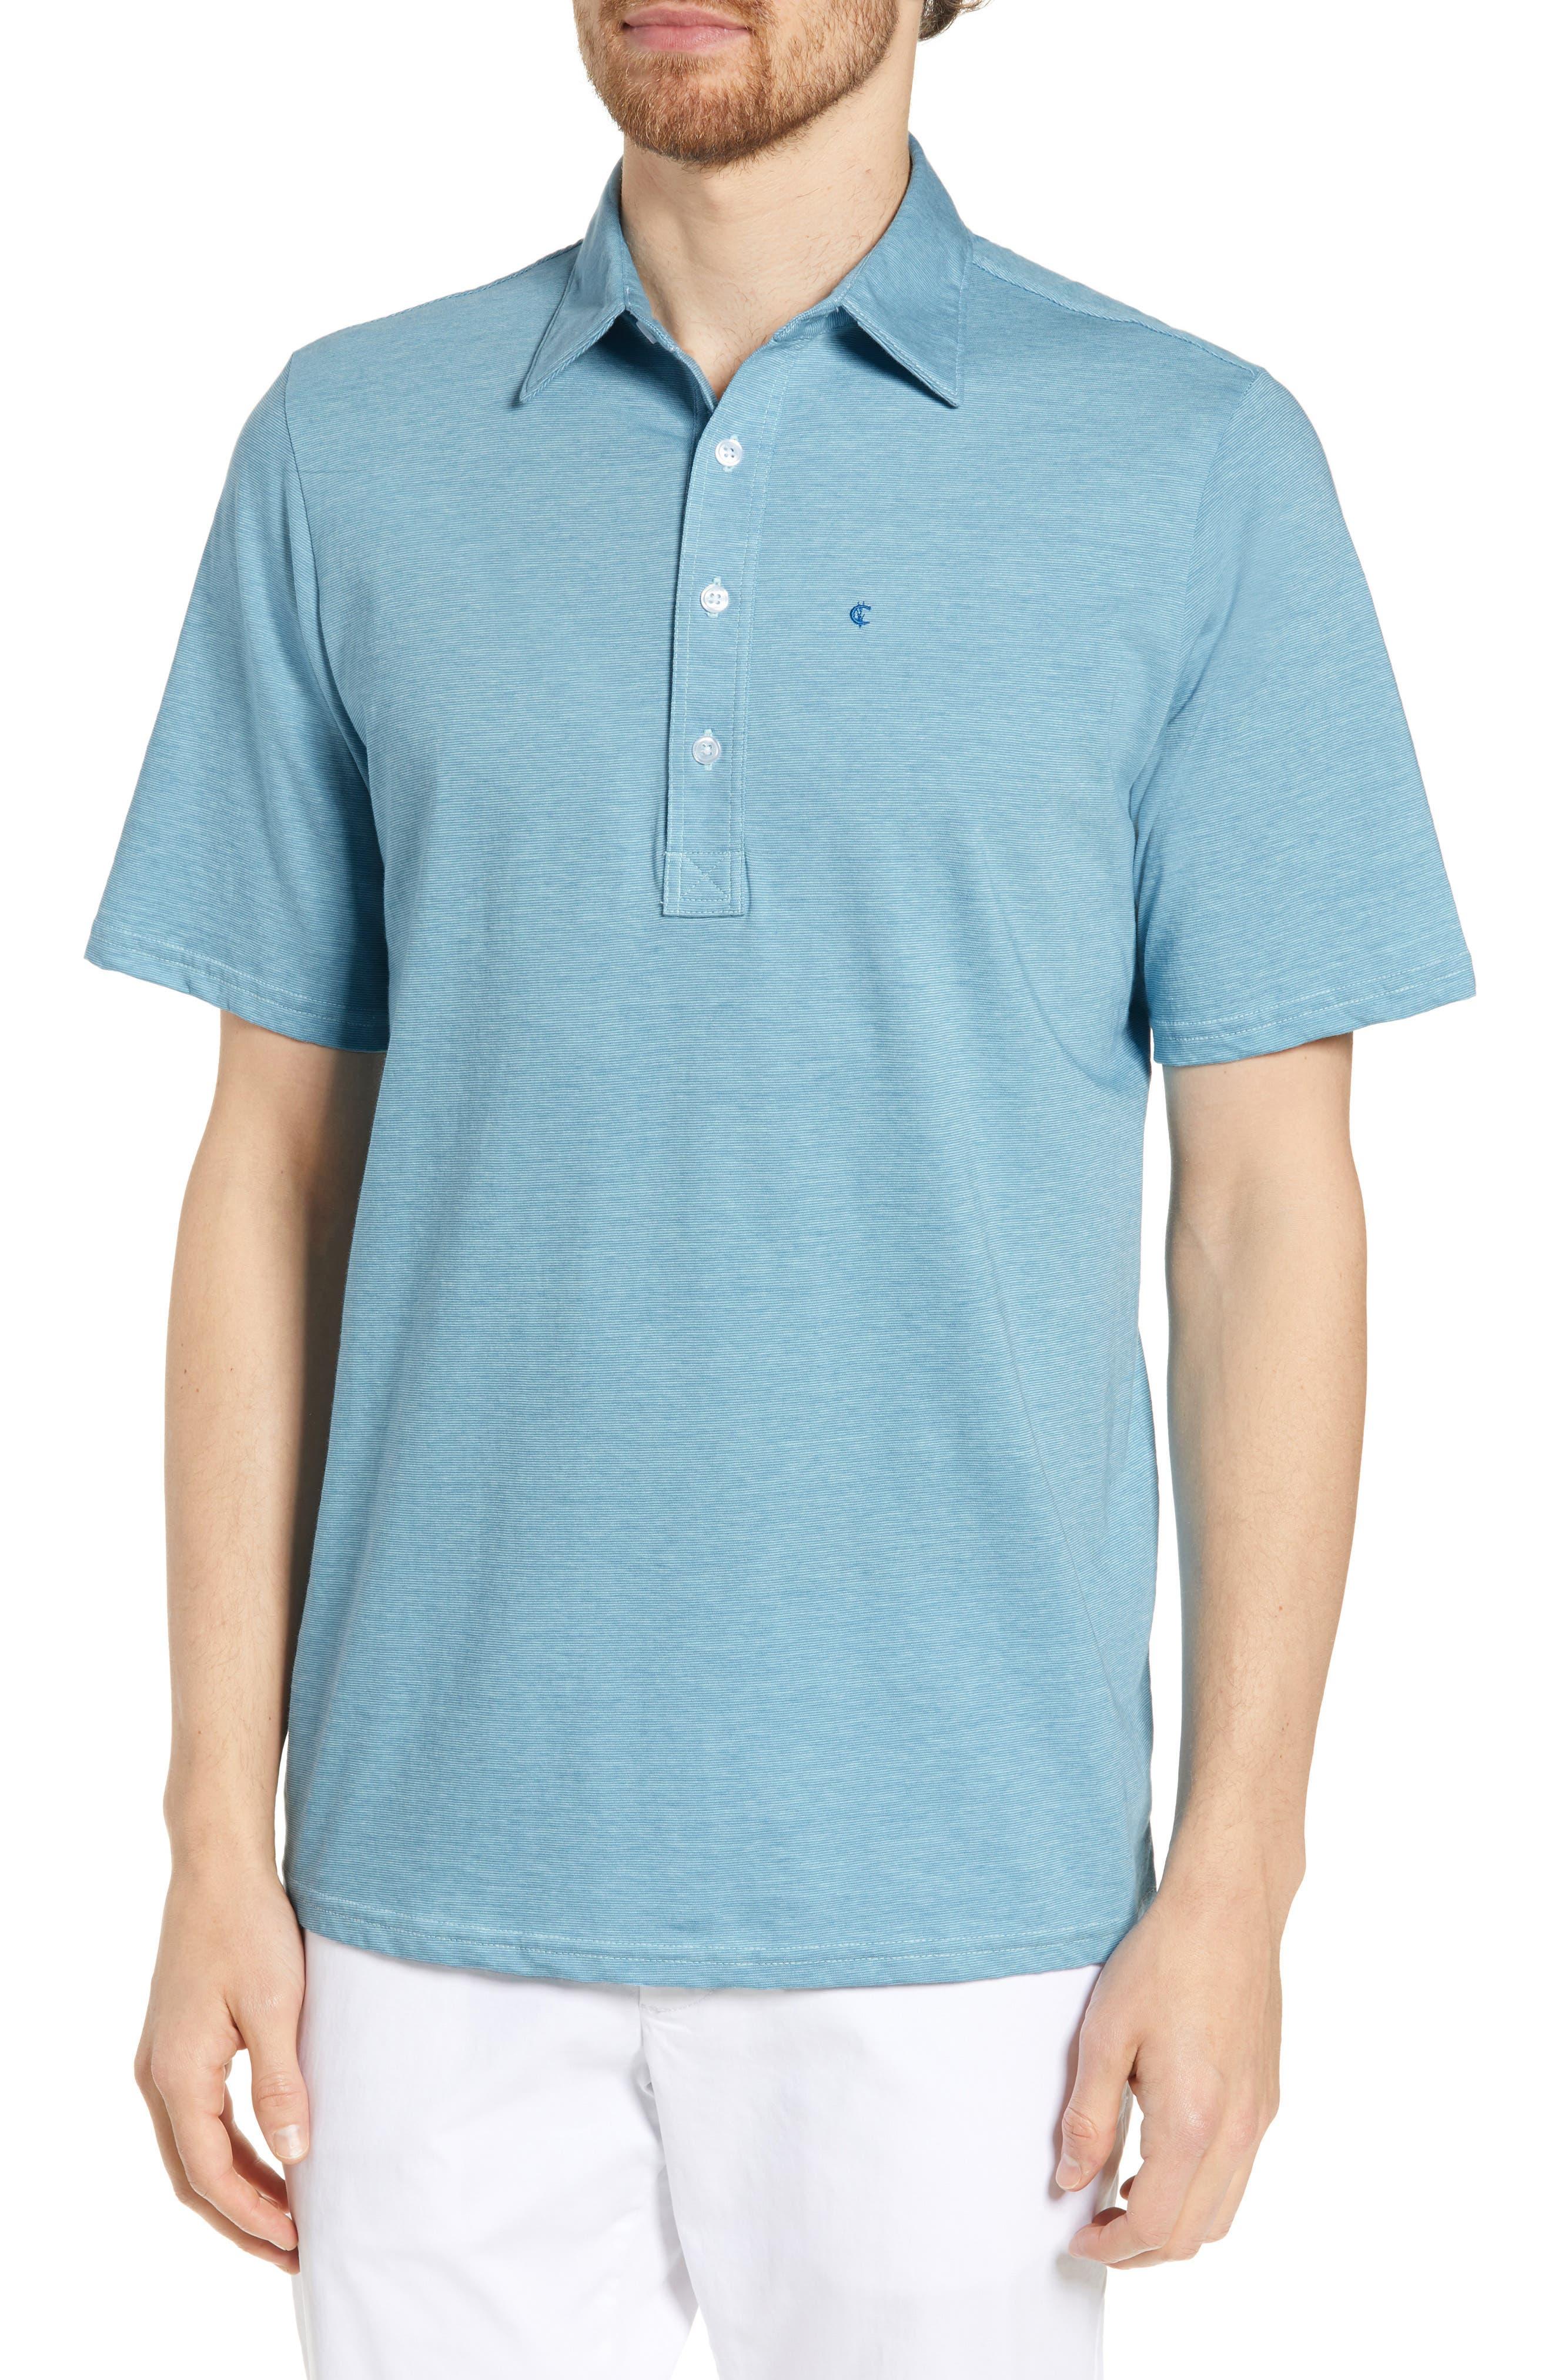 Criquet Range Regular Fit Jersey Polo, Blue